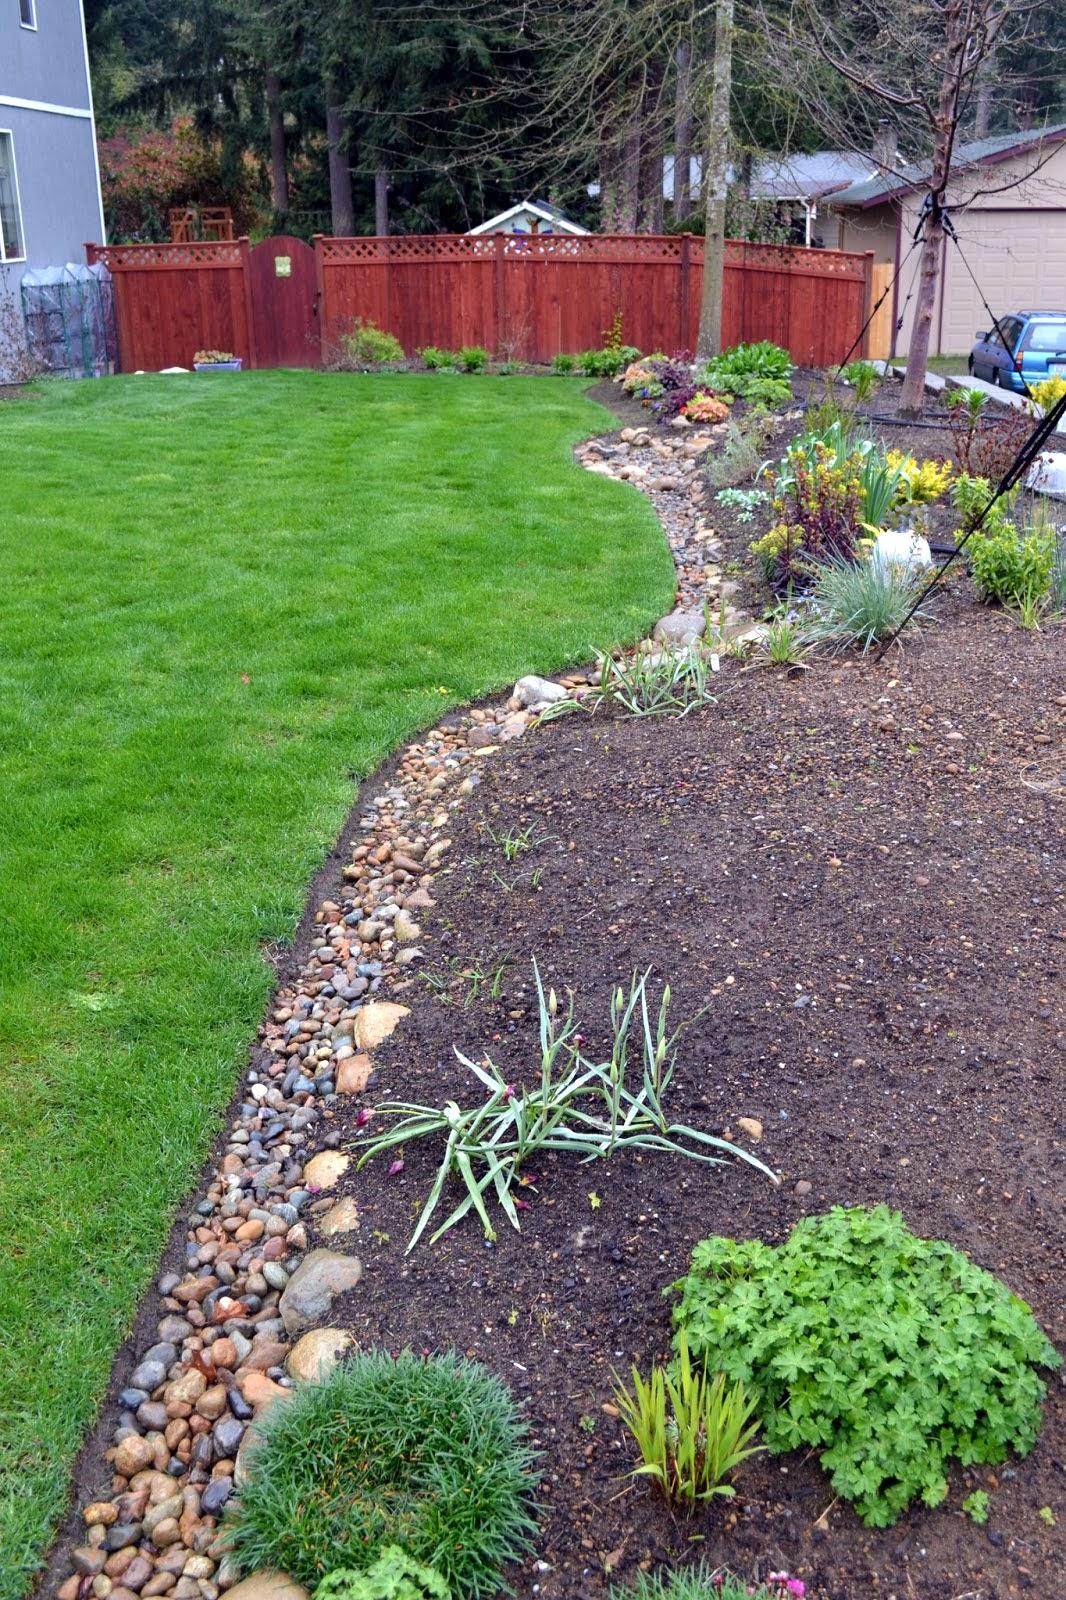 The Outlaw Gardener: Alison Conliffe's Garden